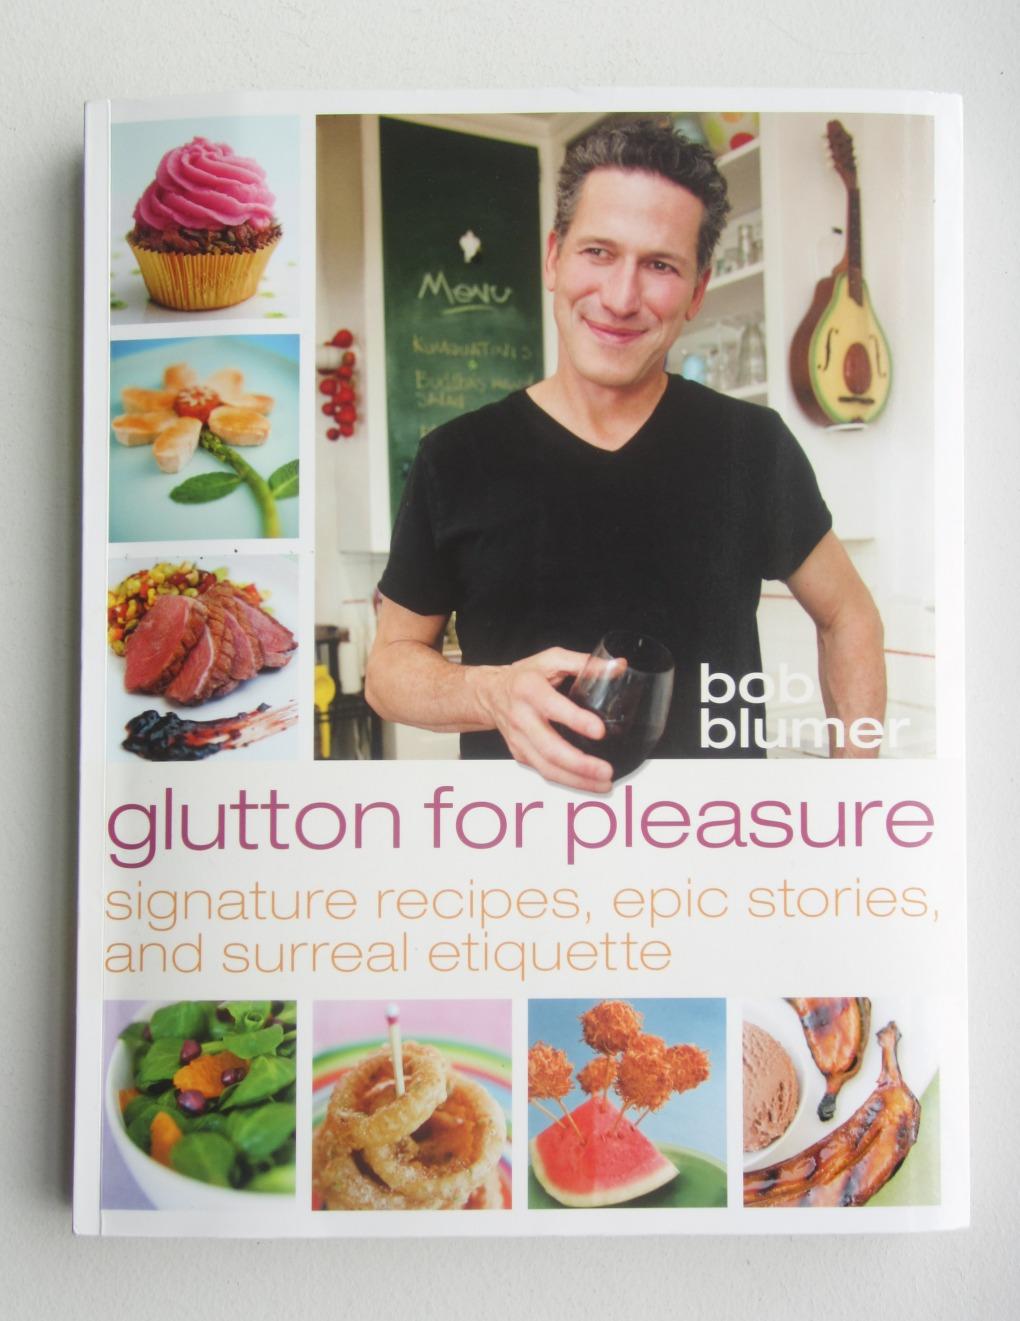 Glutton for Pleasure by Bob Blumer